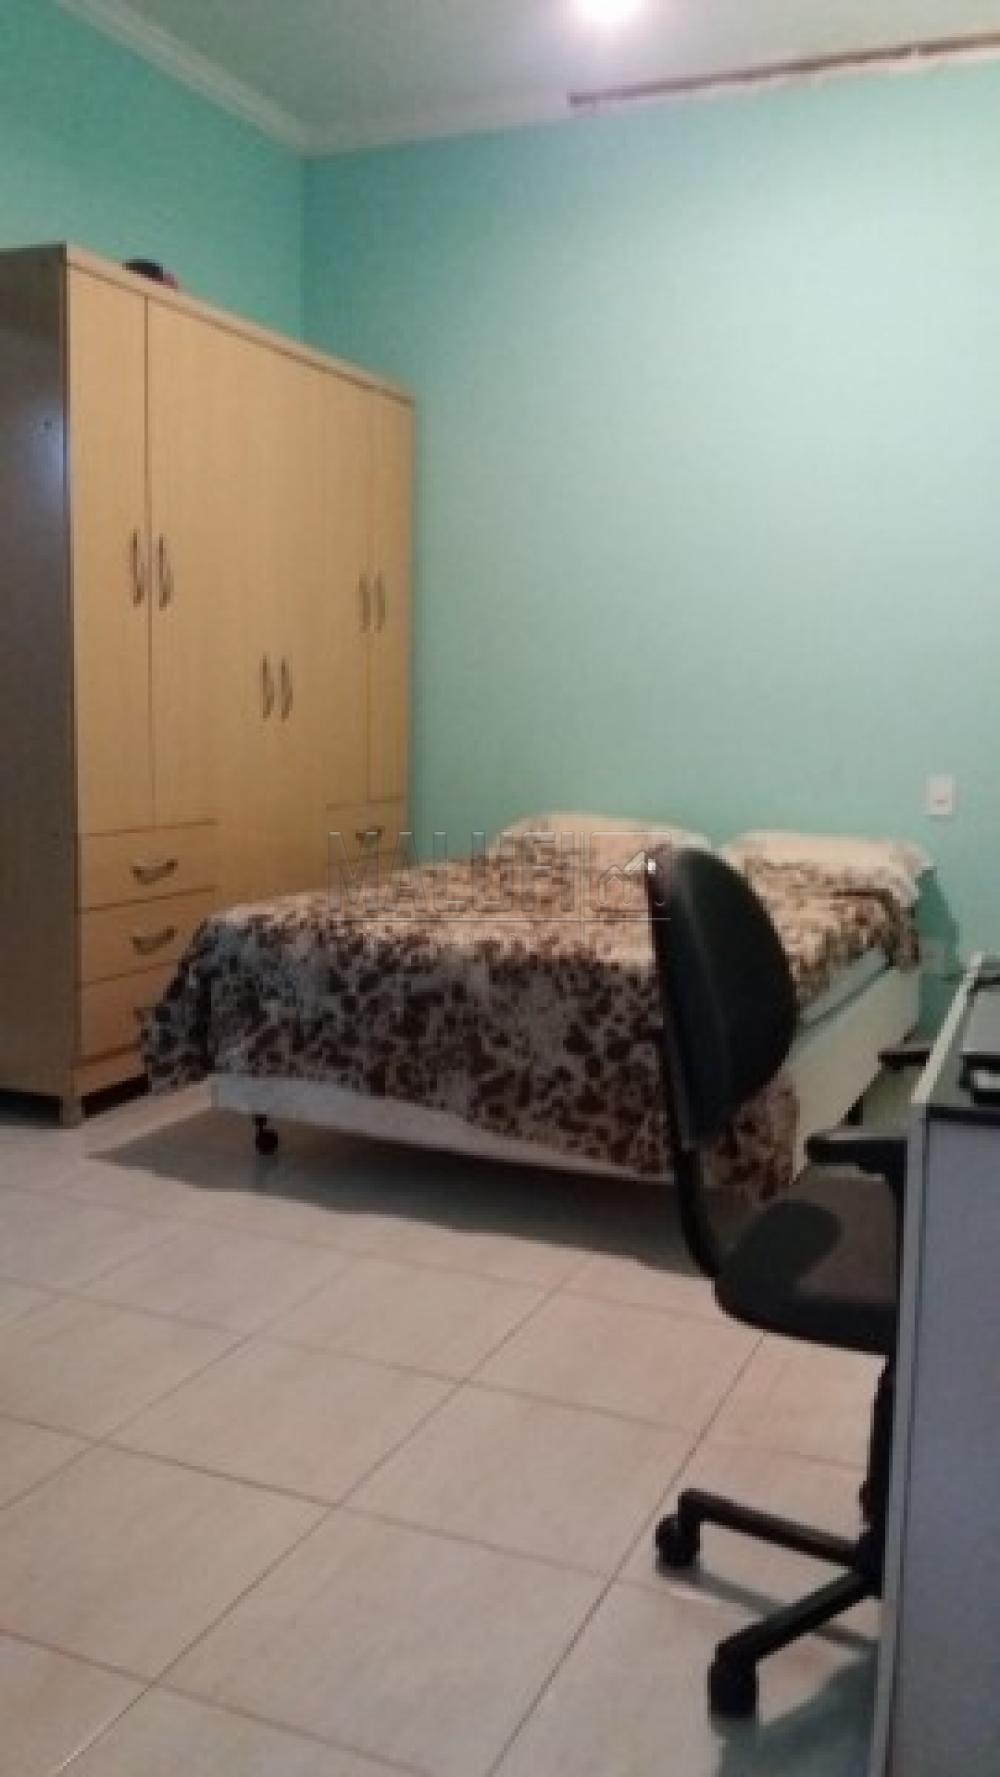 Comprar Casas / Padrão em Olímpia apenas R$ 650.000,00 - Foto 6